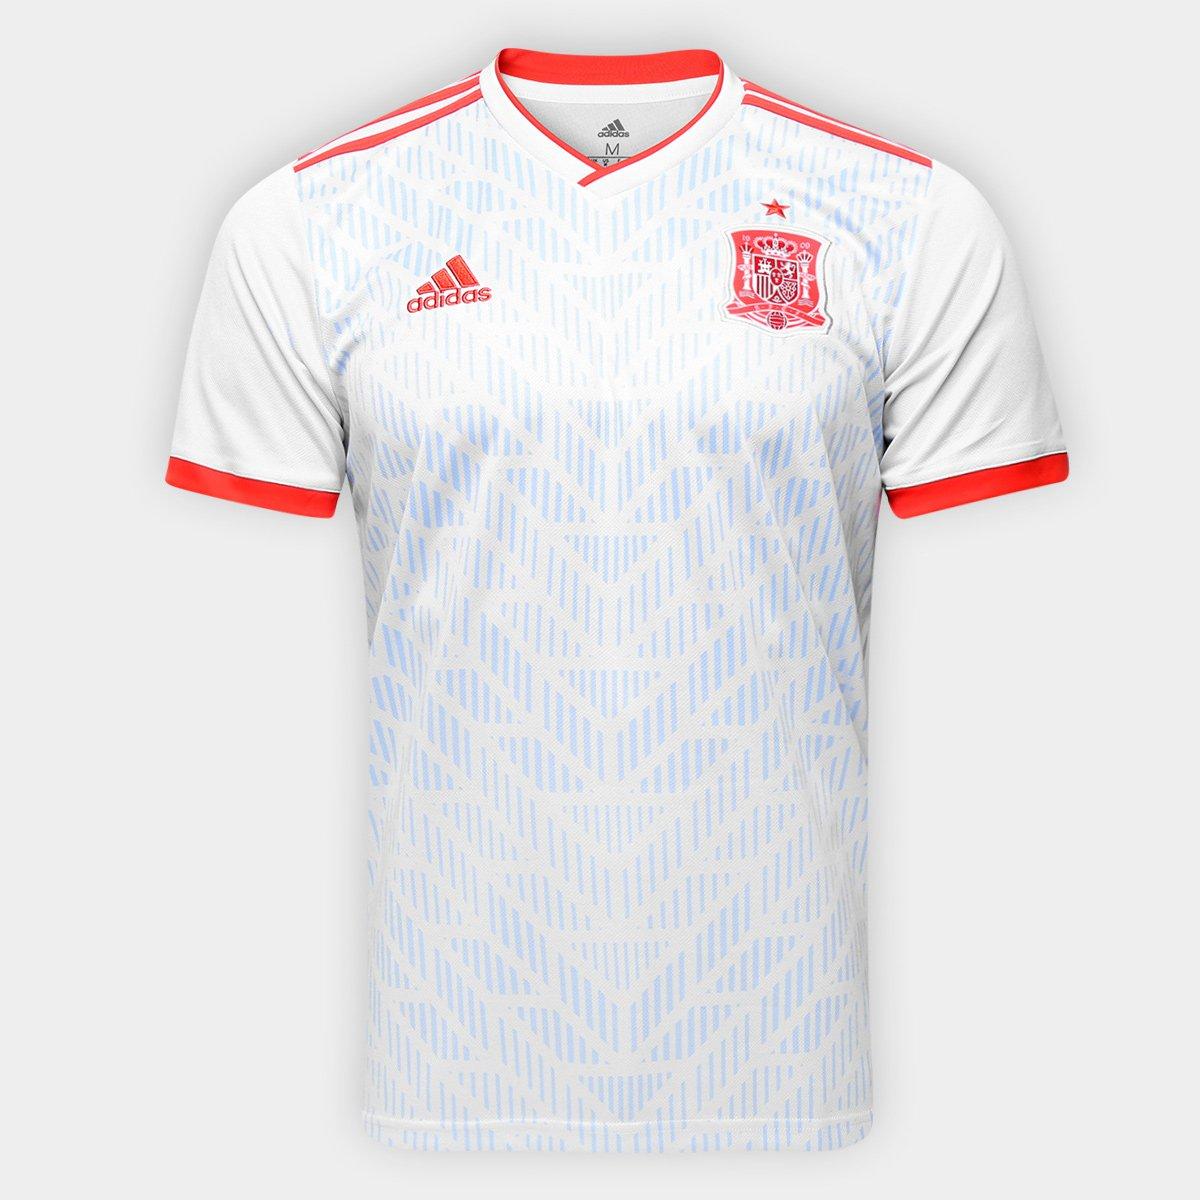 c8da18f0a1 ... Camisa Seleção Espanha Home 2018 n° 2 Carvajal - Torcedor Adidas  Masculina ...